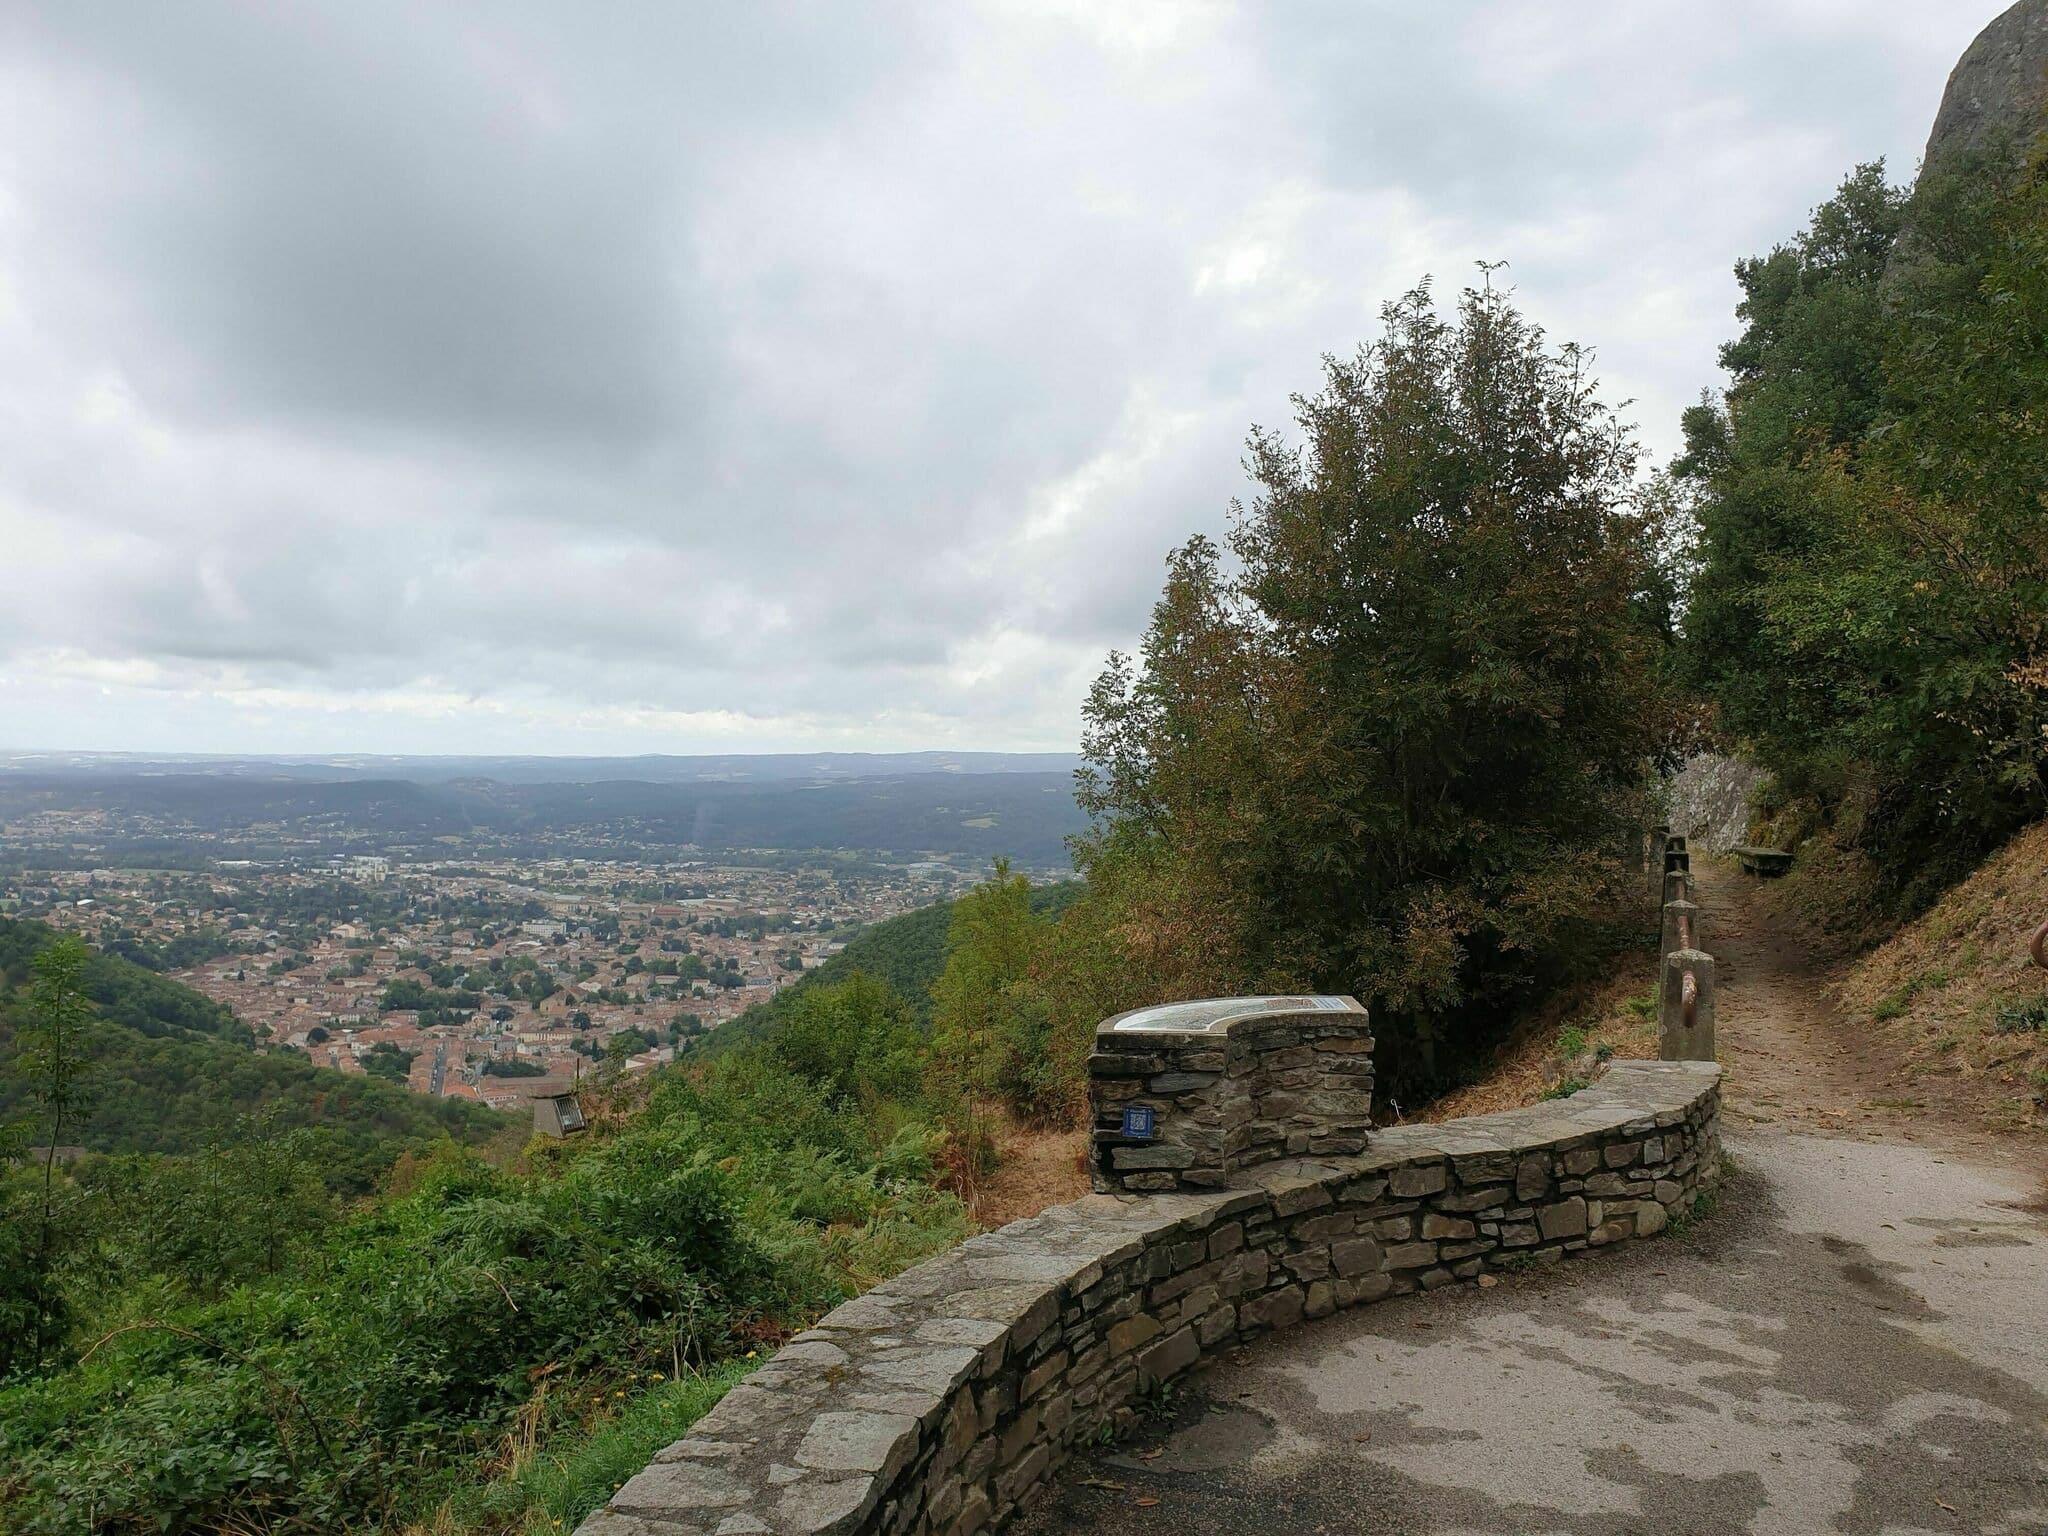 Randonnée Tarn : Traversée d'Hautpoul à la passerelle de Mazamet